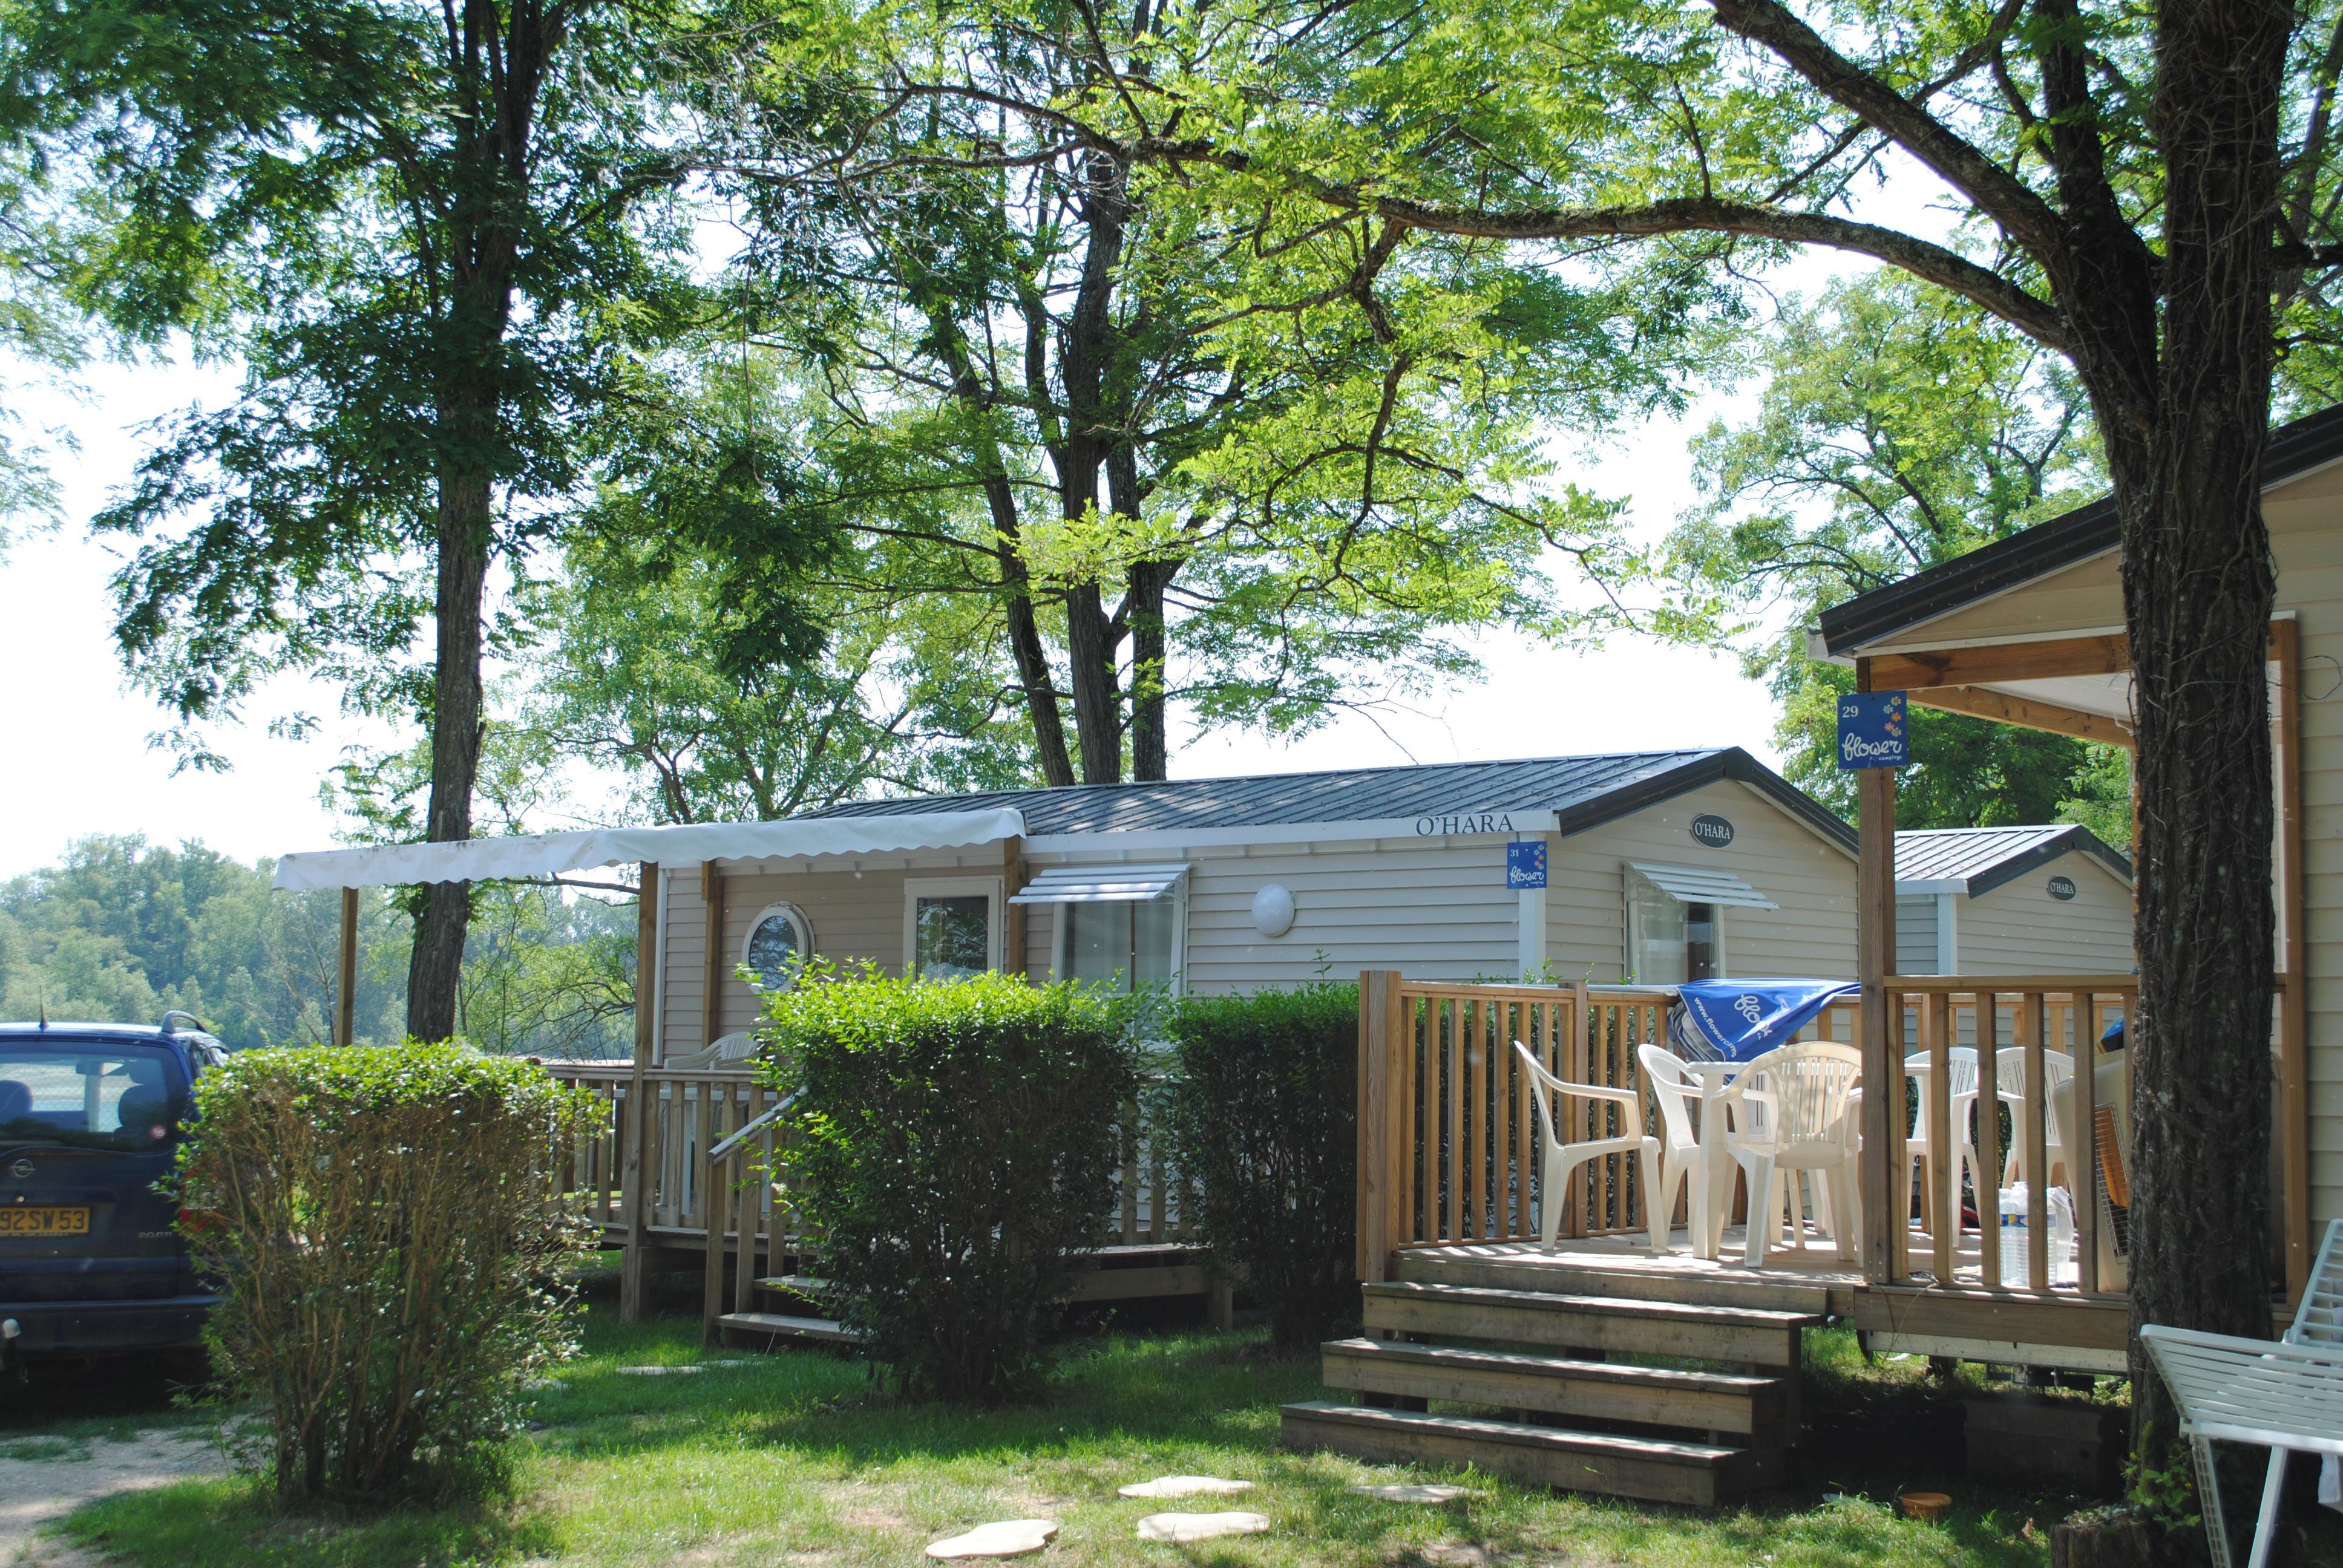 Location - Mobil Home Confort+ 27M² (2 Chambres) + Terrasse Semi-Couverte 18M² Avec Vue Sur Loire - Camping Les Portes de Sancerre